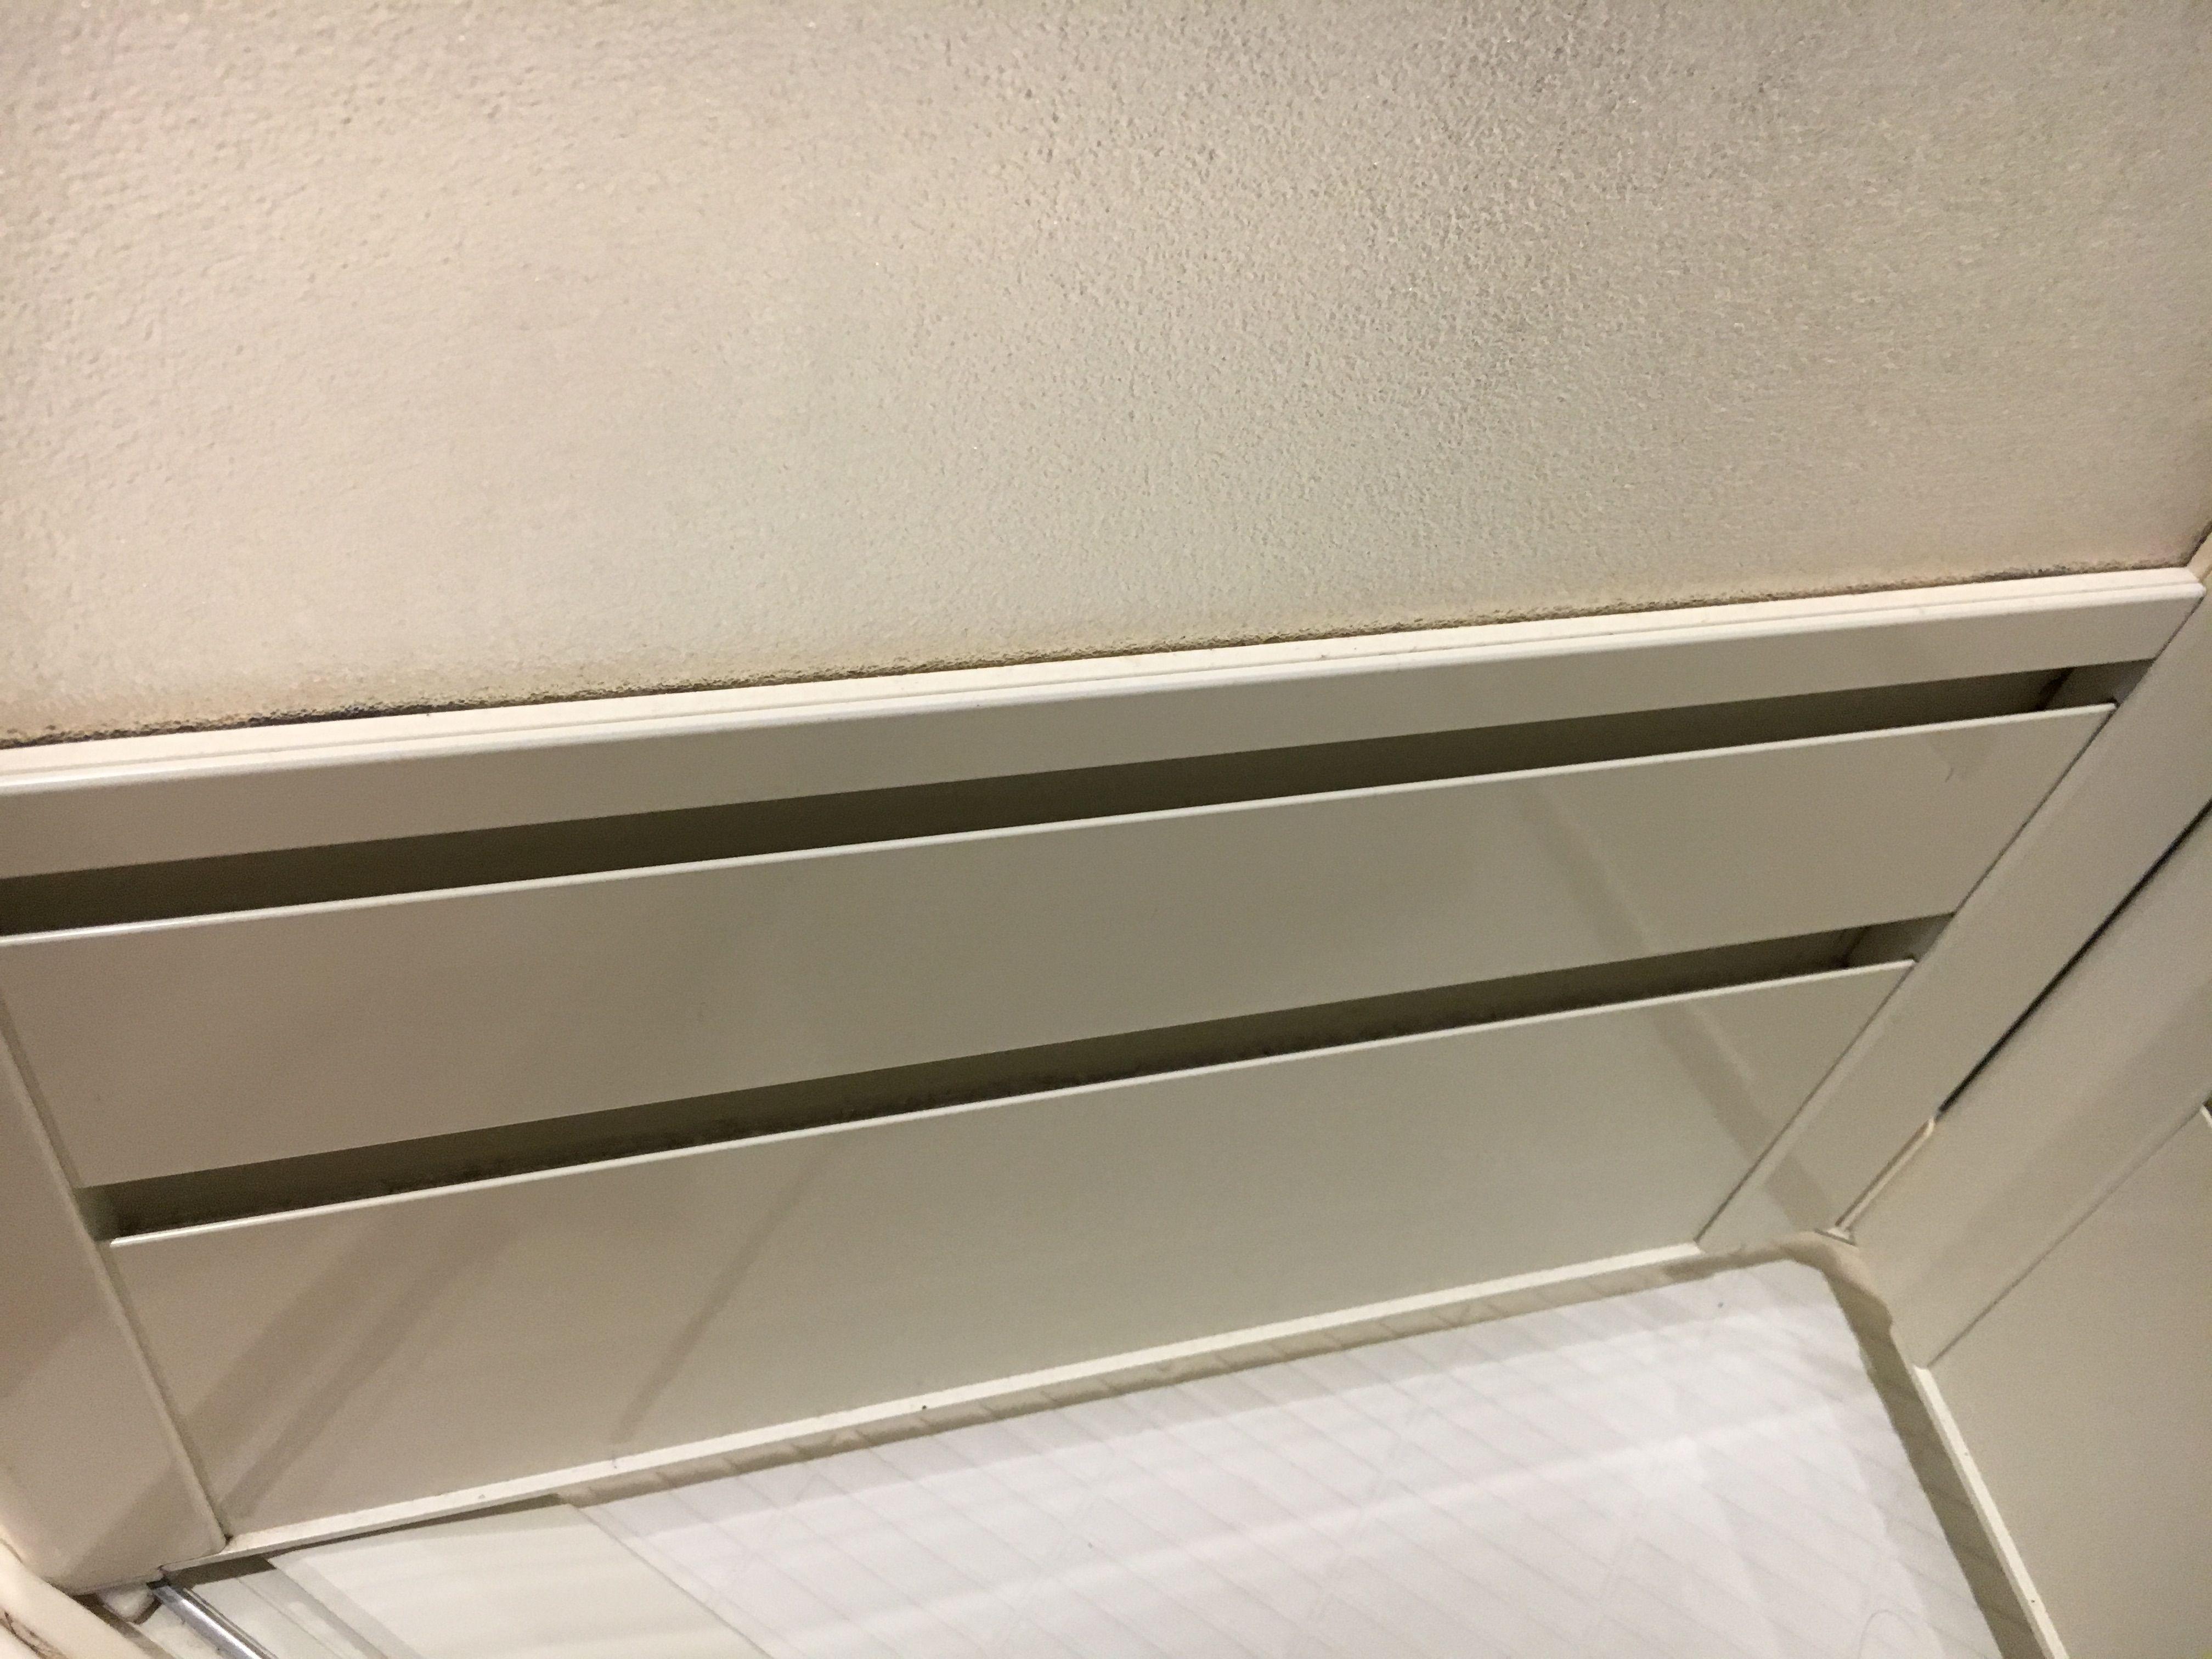 大掃除を始めるといろんな所が気になり始めますよね 浴室の中は